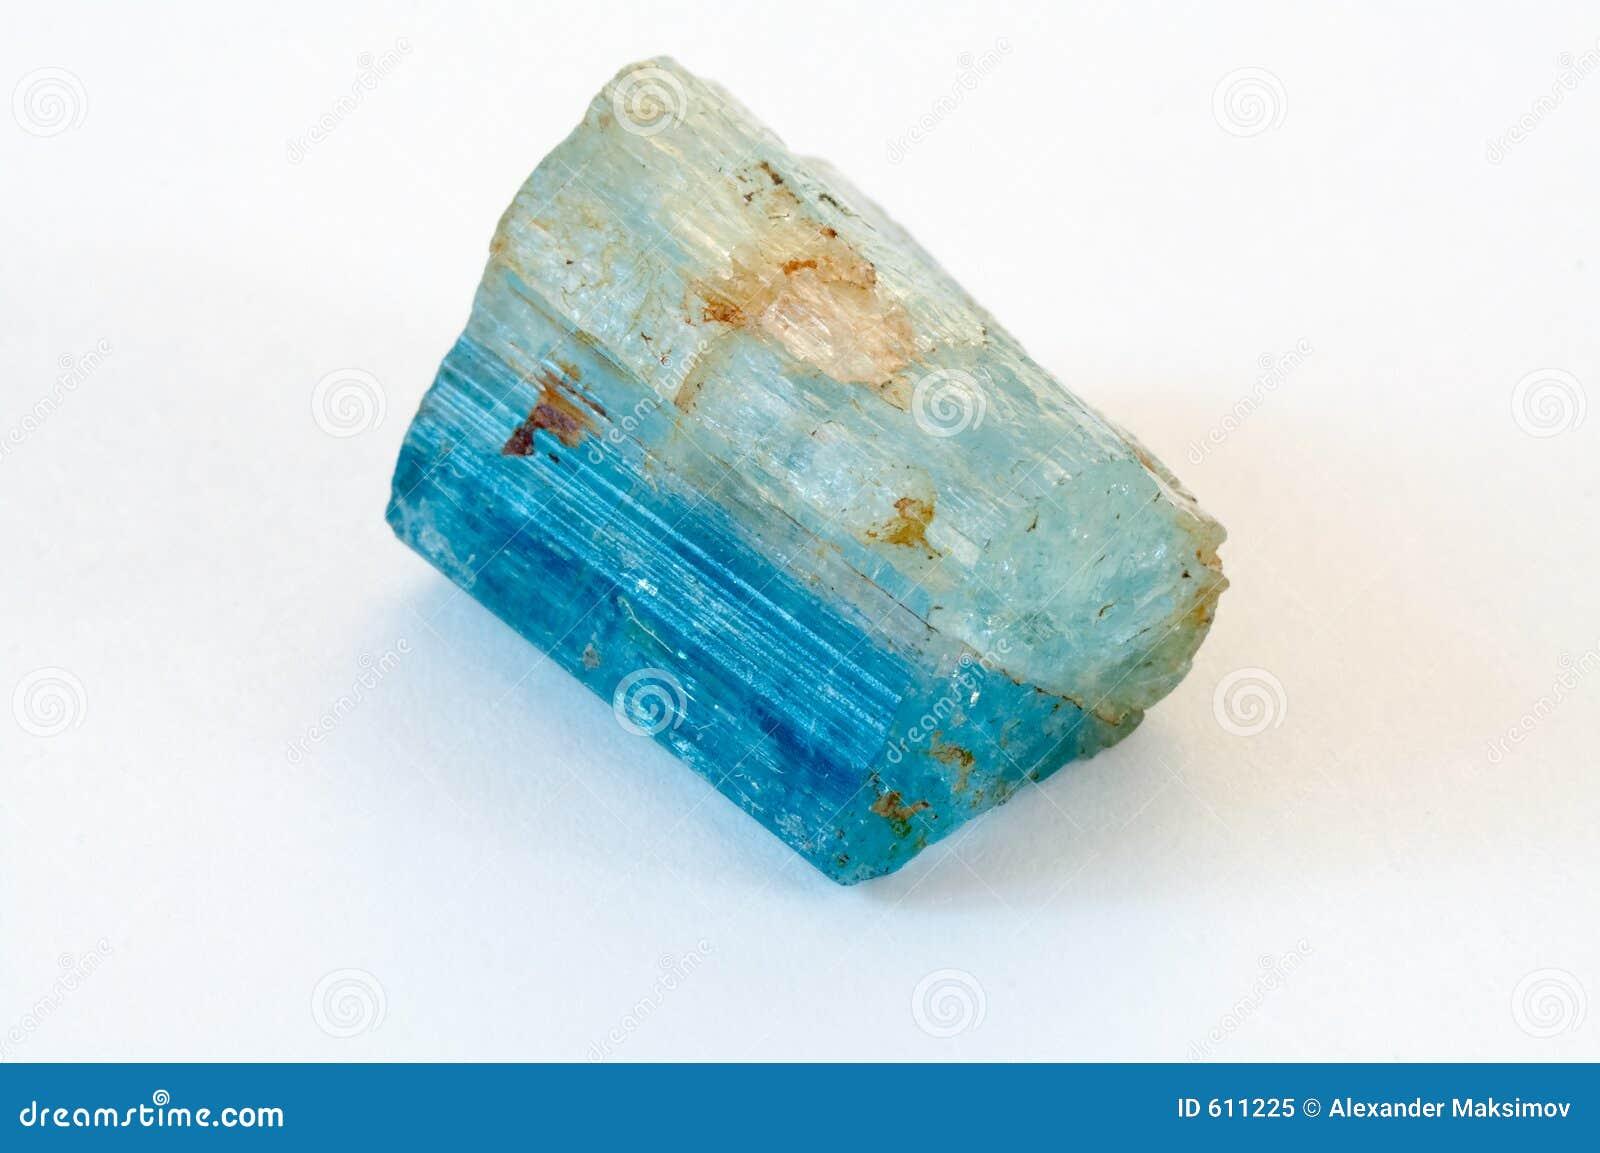 Kristal van aquamarijn